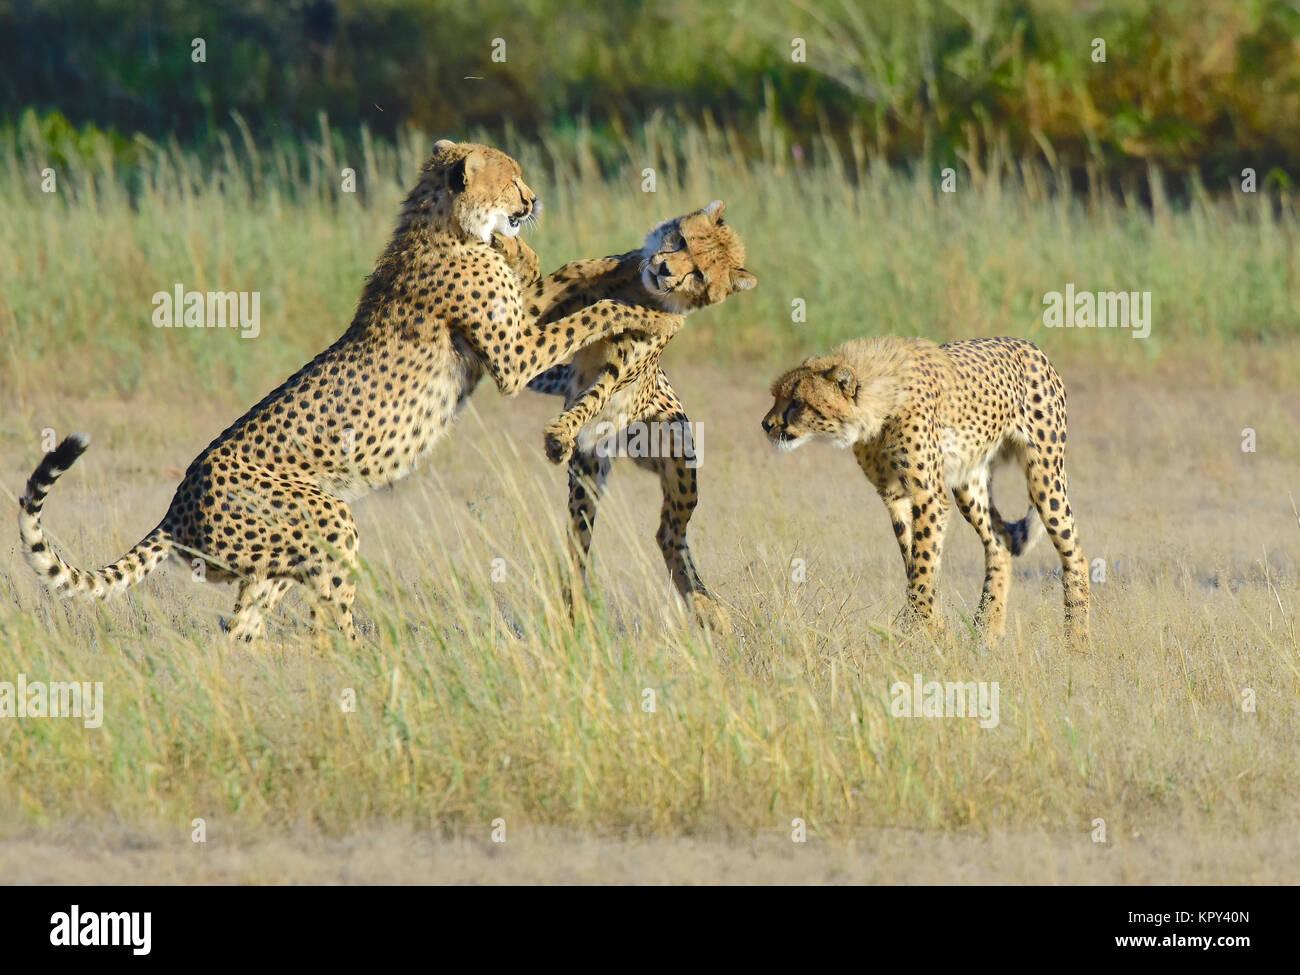 El parque transfronterizo Kgalagadi entre Sudáfrica y Botswana es el primer desierto para viewingplay wildlife Imagen De Stock